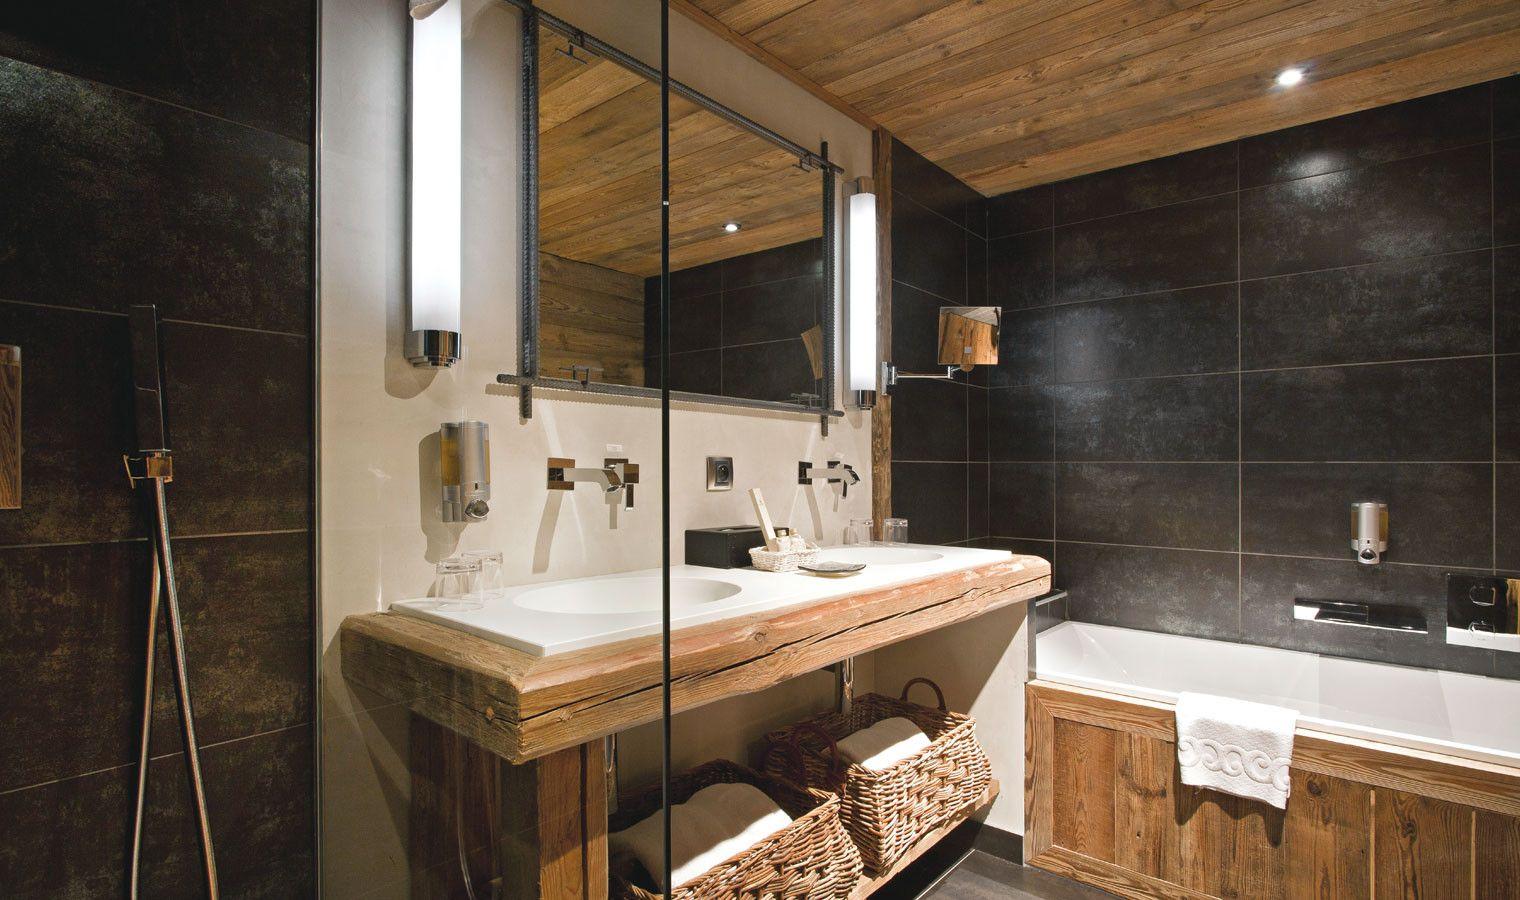 salle de bain moderne avec baignoire salle de bain 1 une 7m2 meuble de salle bain et id es. Black Bedroom Furniture Sets. Home Design Ideas